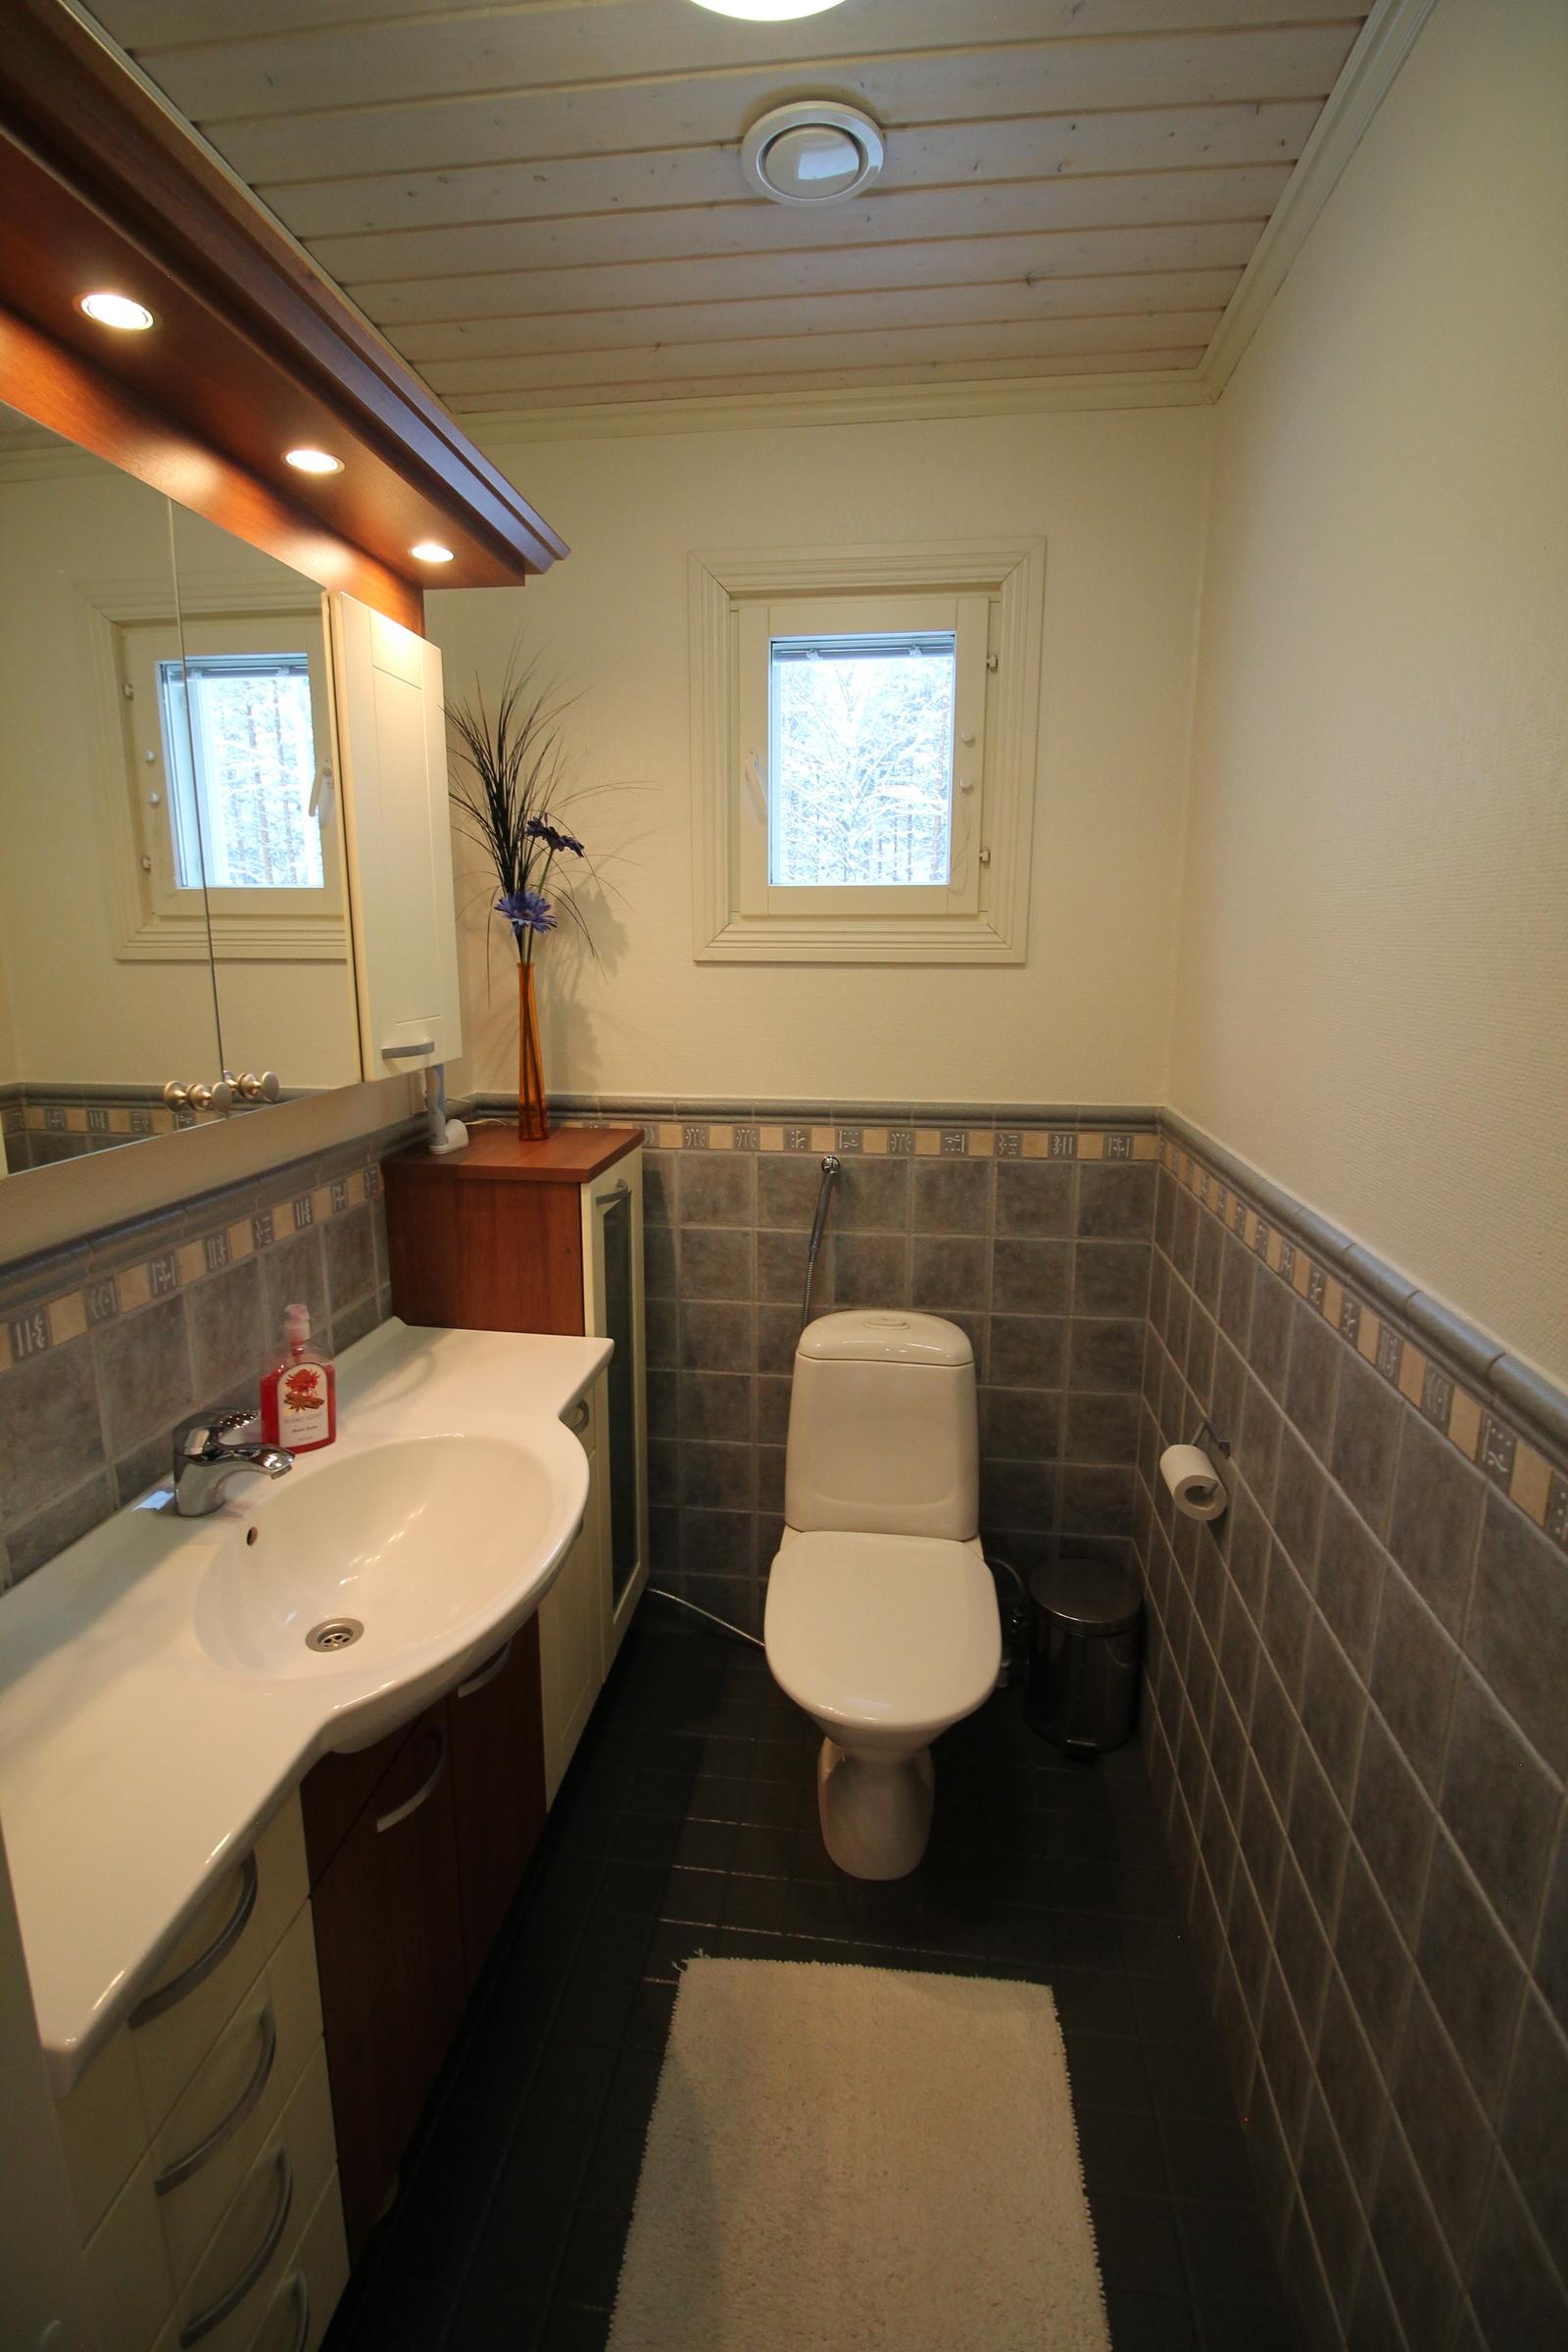 Käytävän päässä oleva wc.